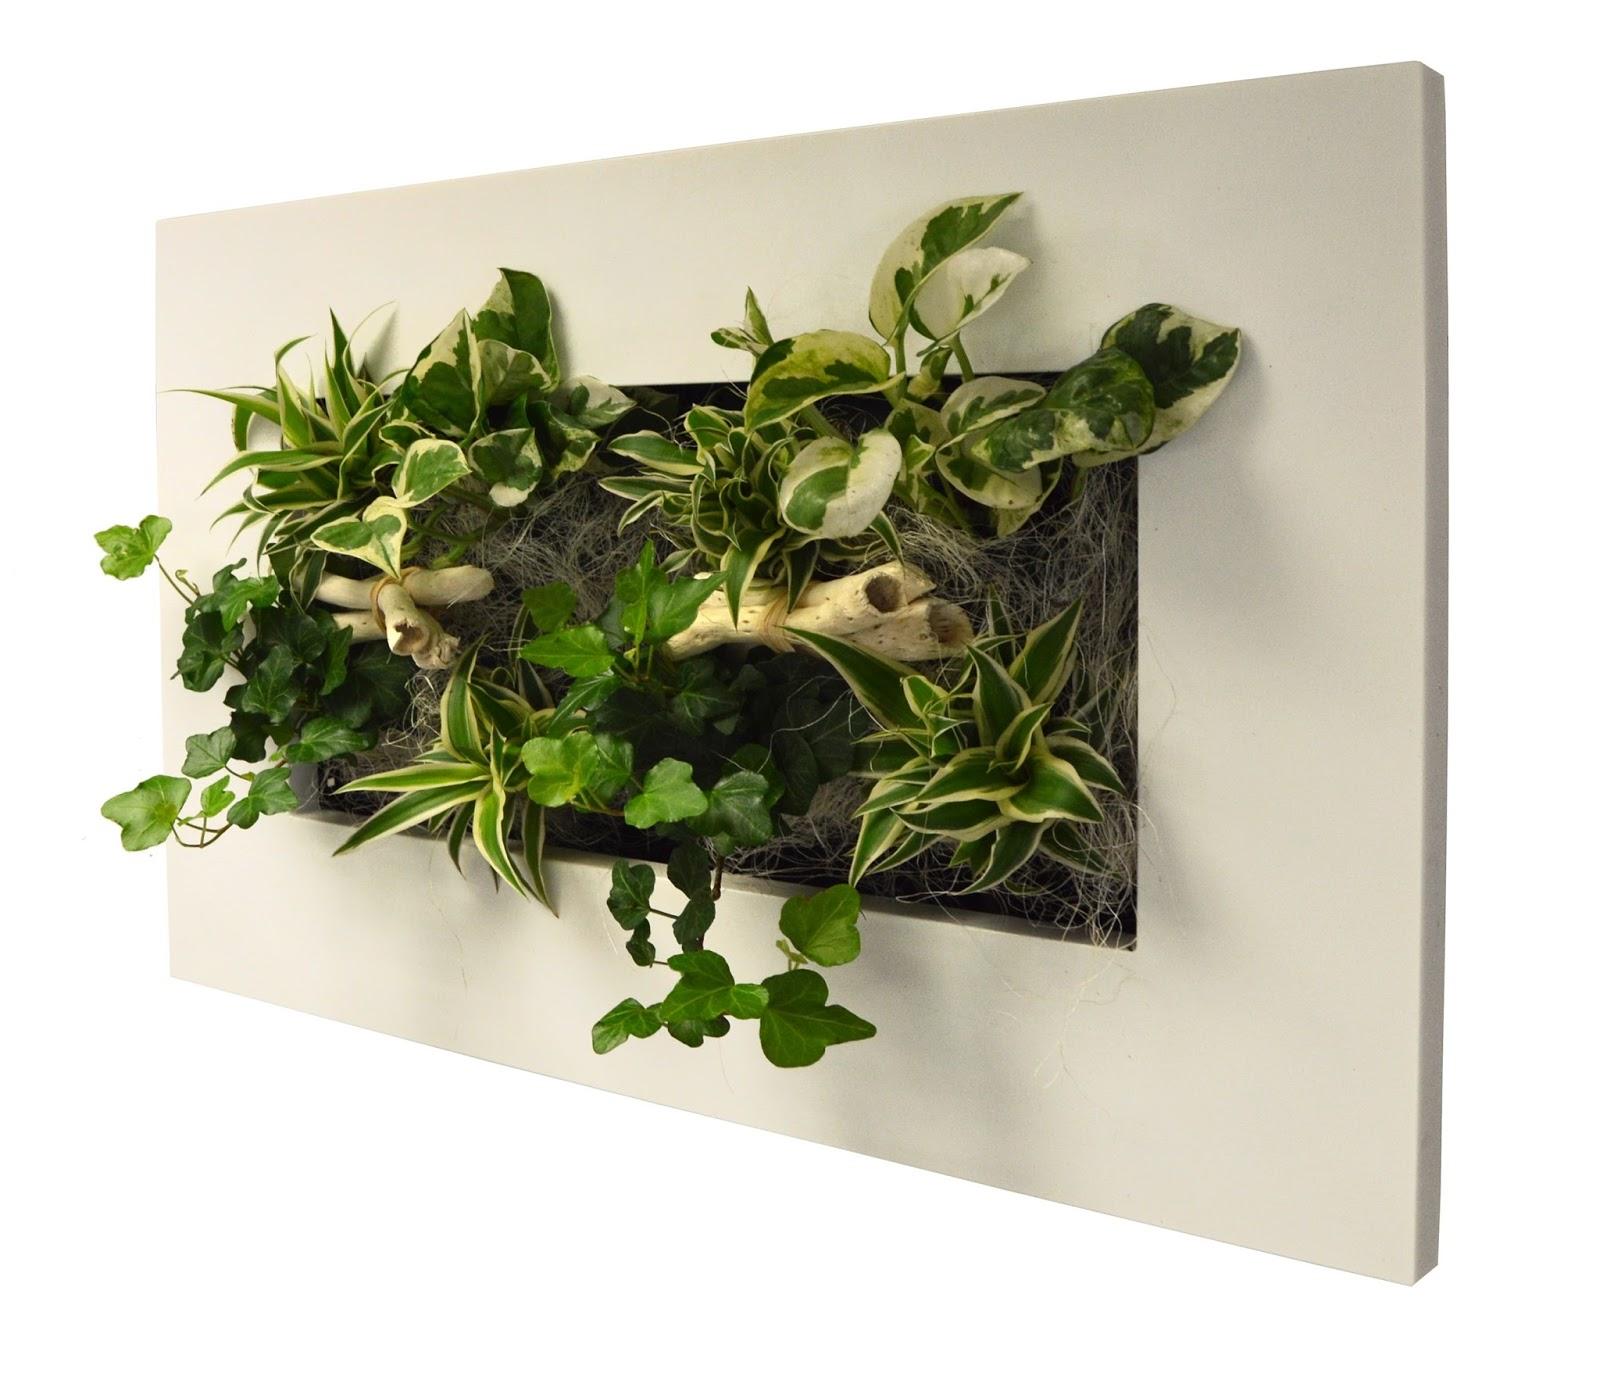 Meu pomar vasos criativos para inovar na sua casa - Cadre vegetal mural ...